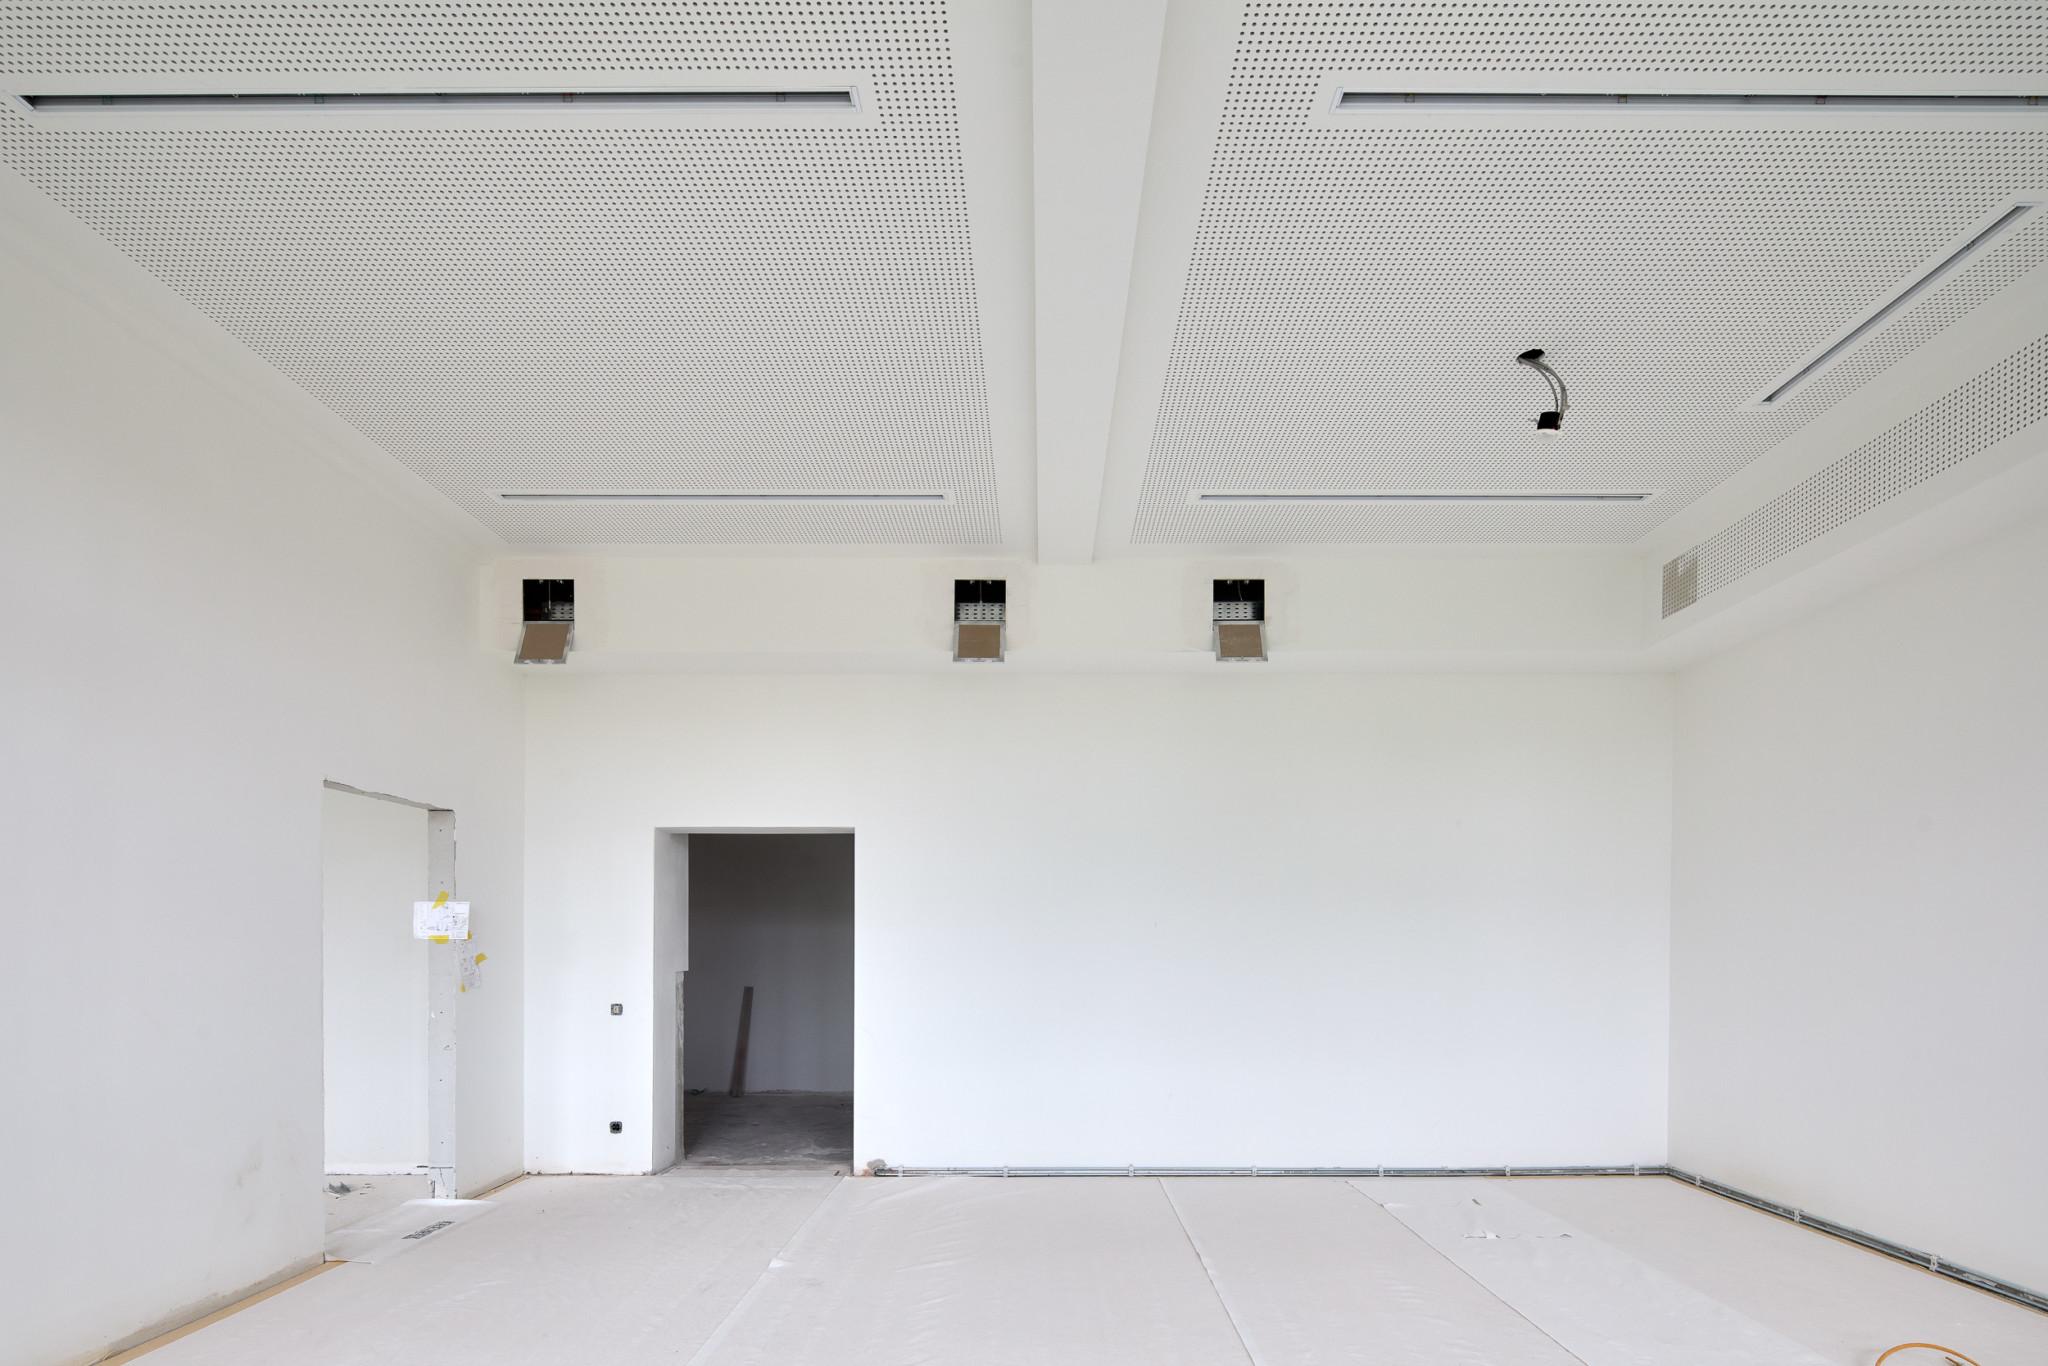 Ein strahlend weißes Zimmer, frisch gestrichen. Einige Dinge fehlen noch: Die Lüftungsschächte sind nicht verschlossen, die Türen noch nicht eingebaut, der Boden noch nicht verlegt.